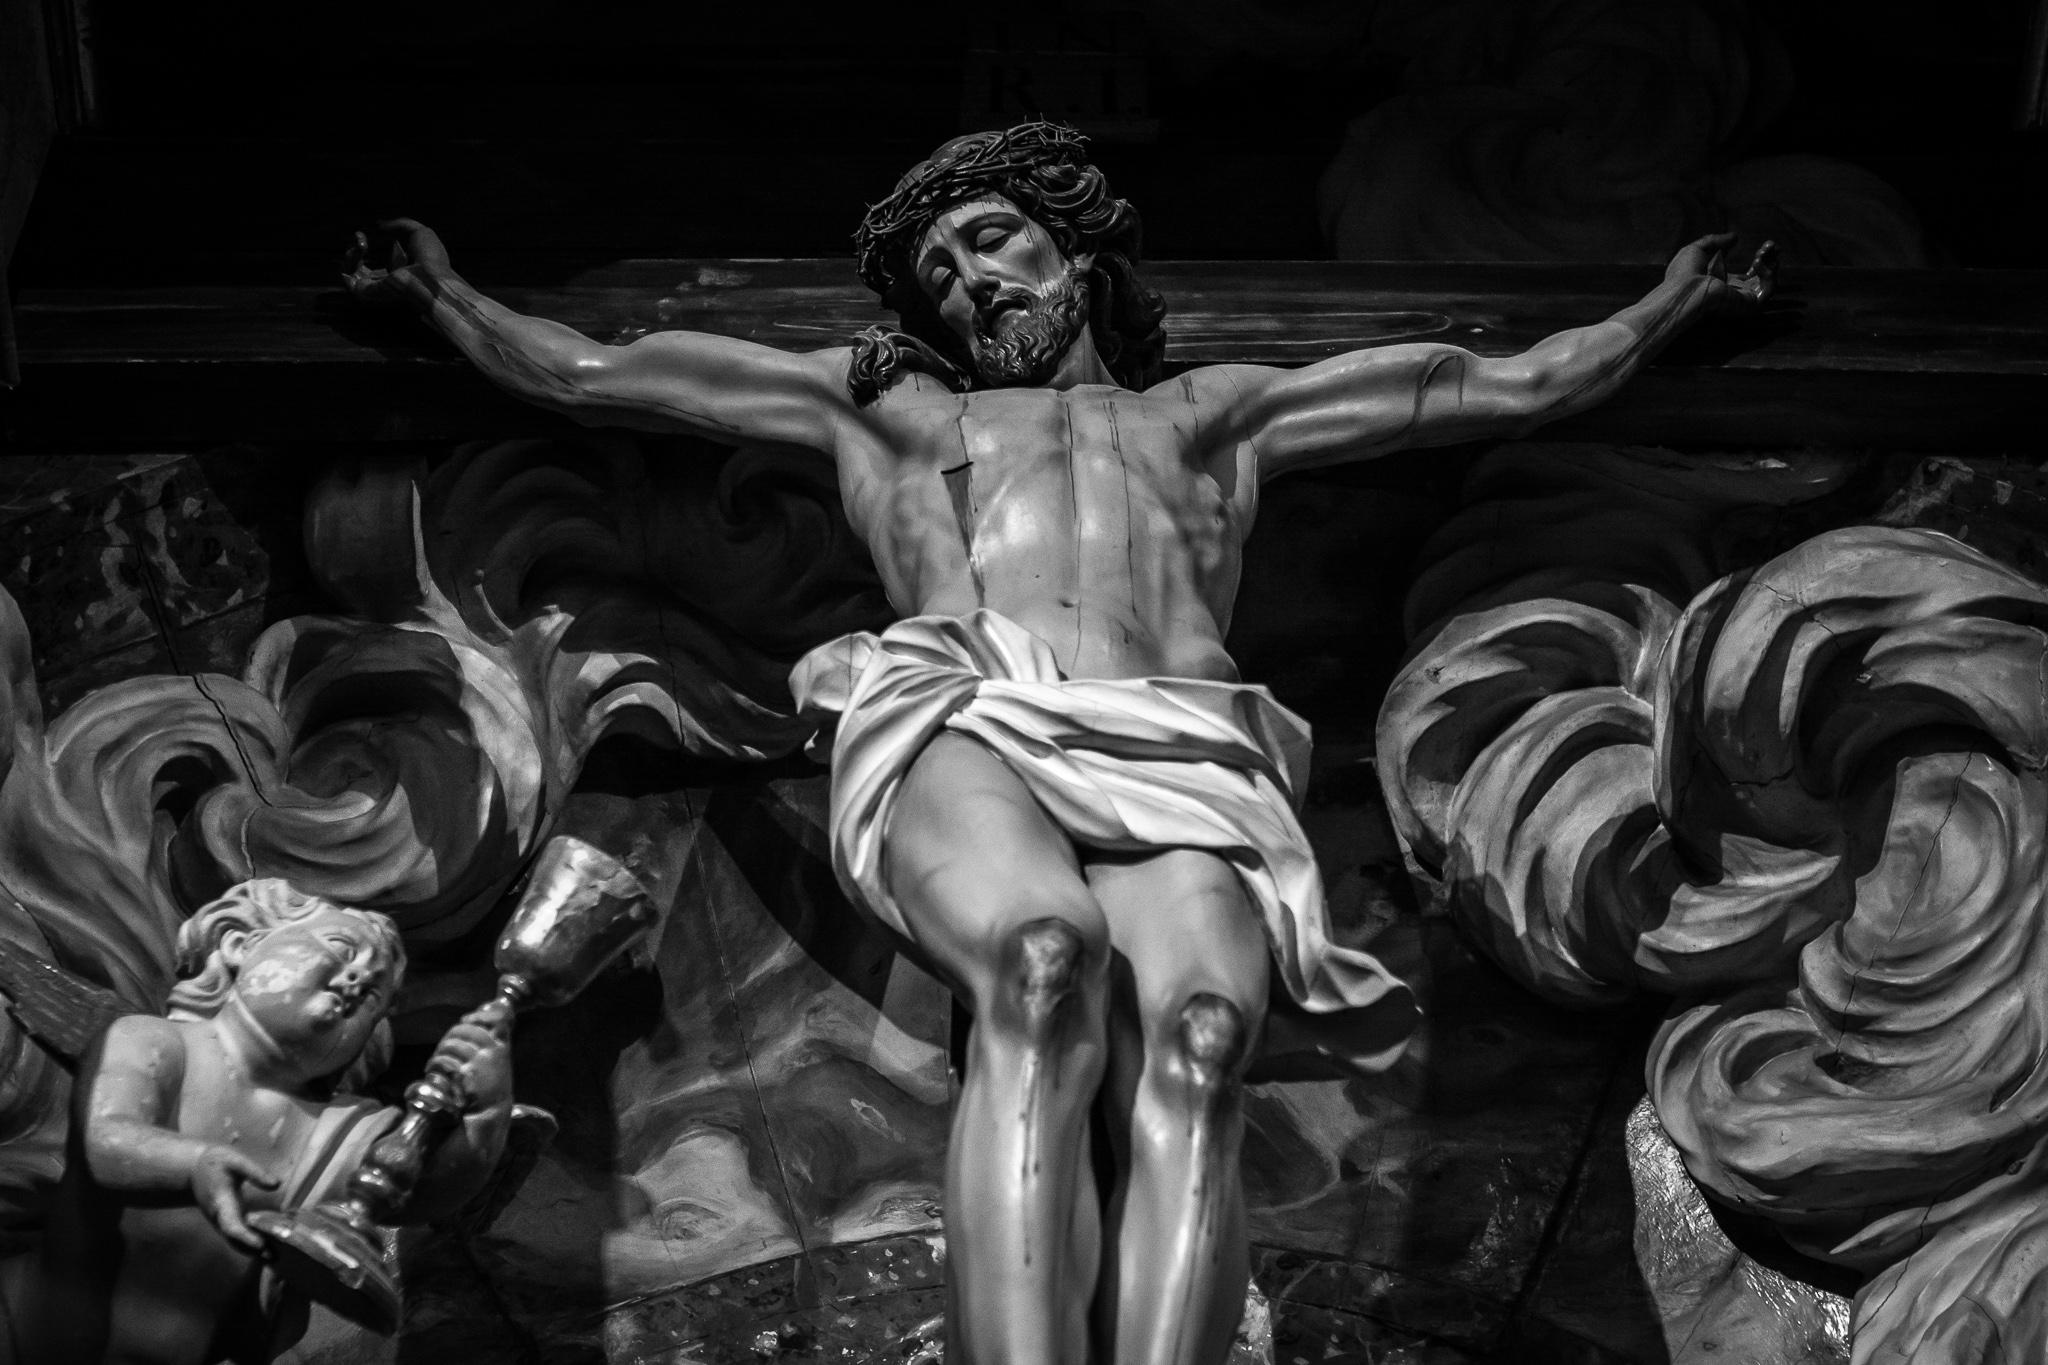 O retablo do Cristo da Paciencia, do escultor Xosé Ferreiro, atópase no mosteiro compostelán de San Martiño Pinario. <br>O escultor, natural de Noia, é un dos maiores expoñentes do neoclasicismo galego do s.XIX.